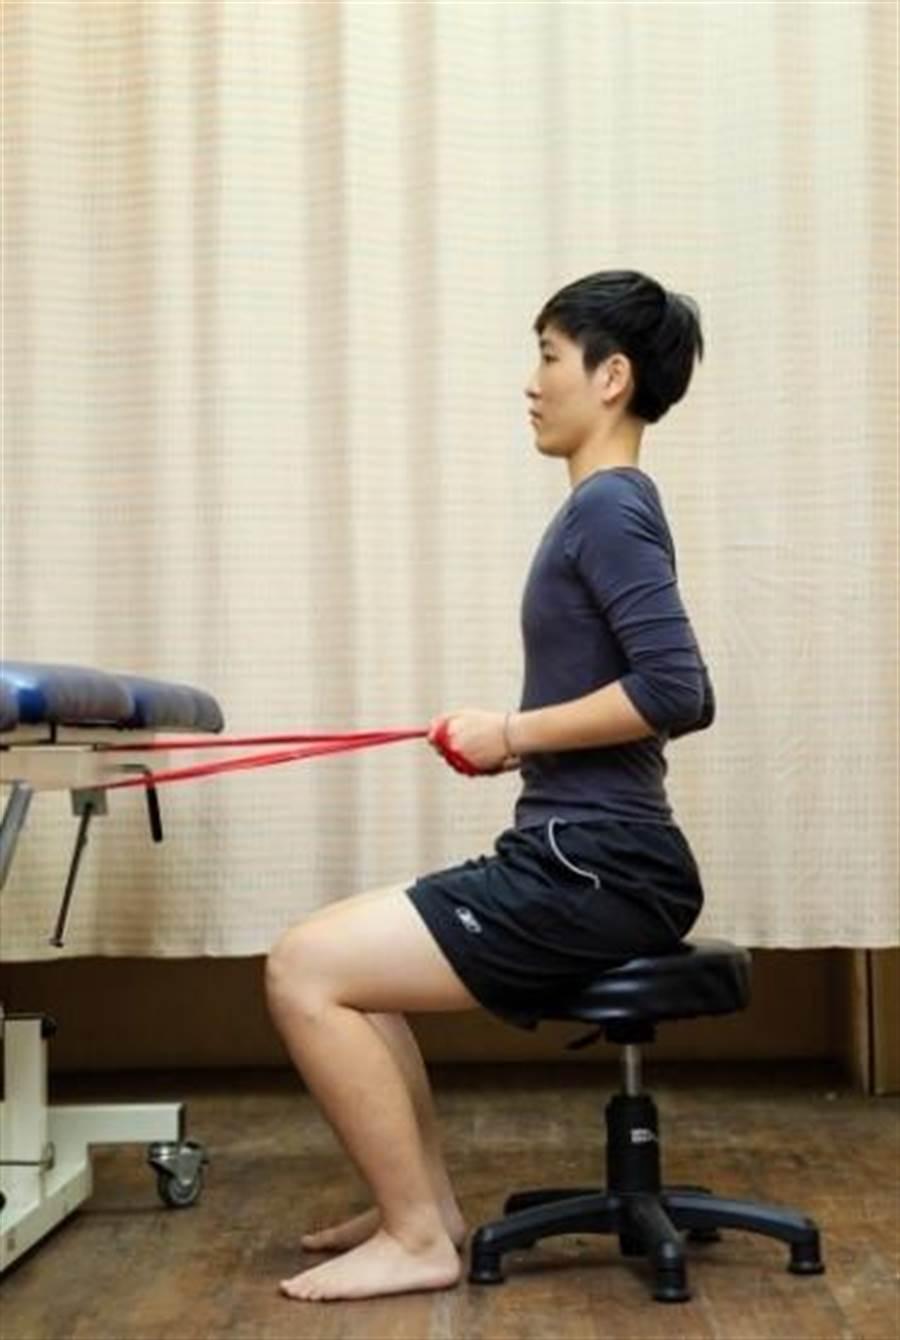 圖2上背肌力訓練:雙手拉彈力帶向後,帶動上背挺直與肩胛骨內收動作。(合記圖書圖供)